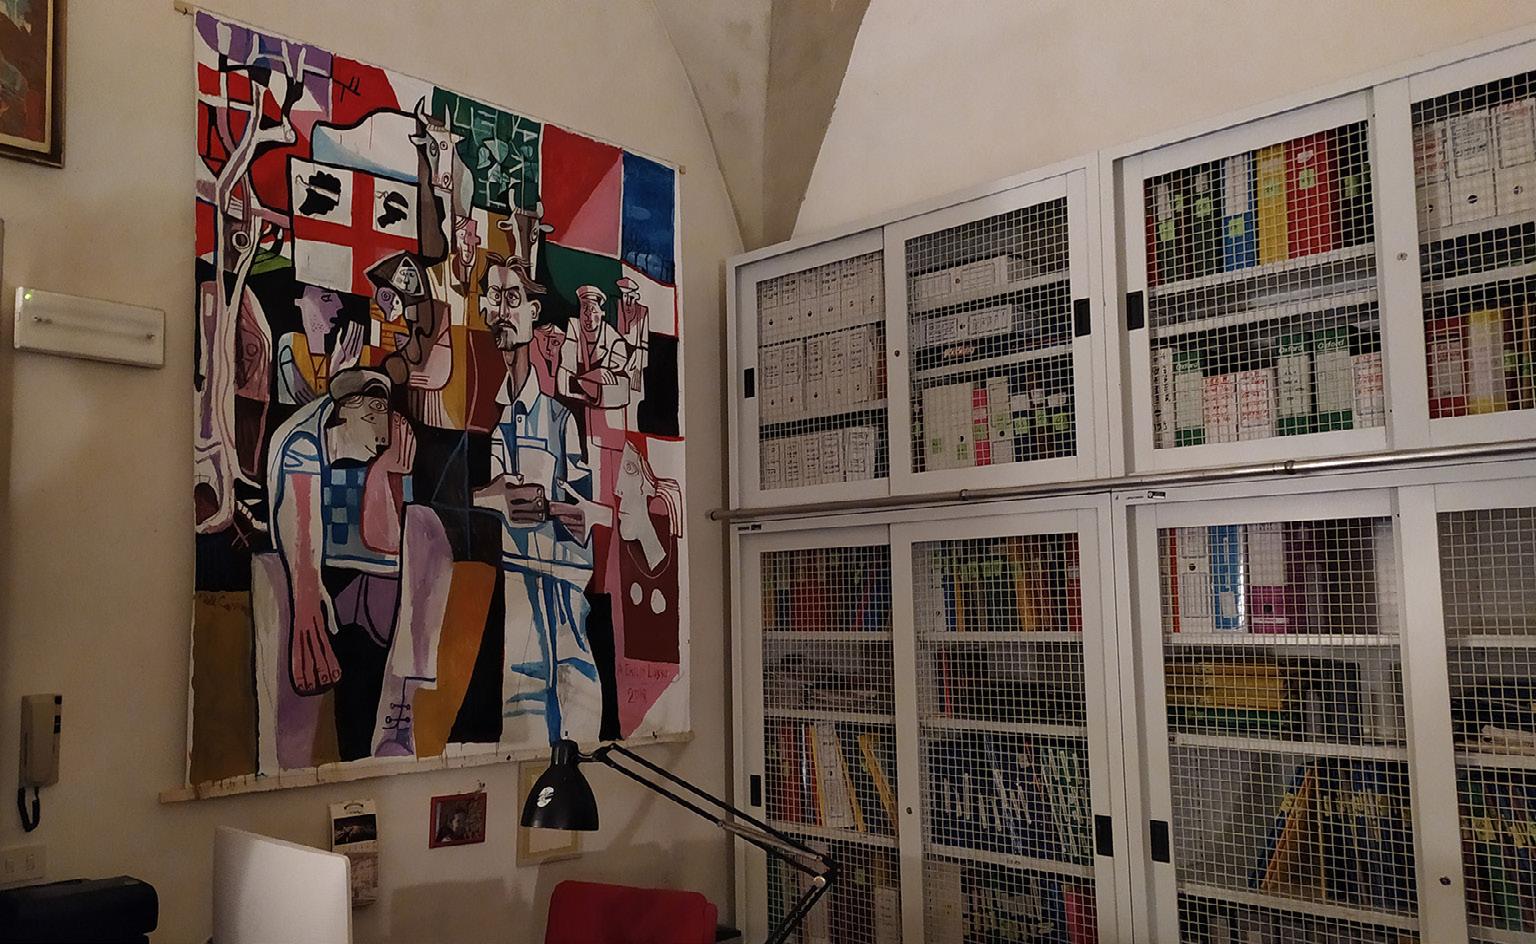 FIGURA 10. Sede dell'Istituto Ernesto de Martino, opera realizzata da Francesco Del Casino in memoria di Emilio Lussu, 2021 (foto: G. Chessa).